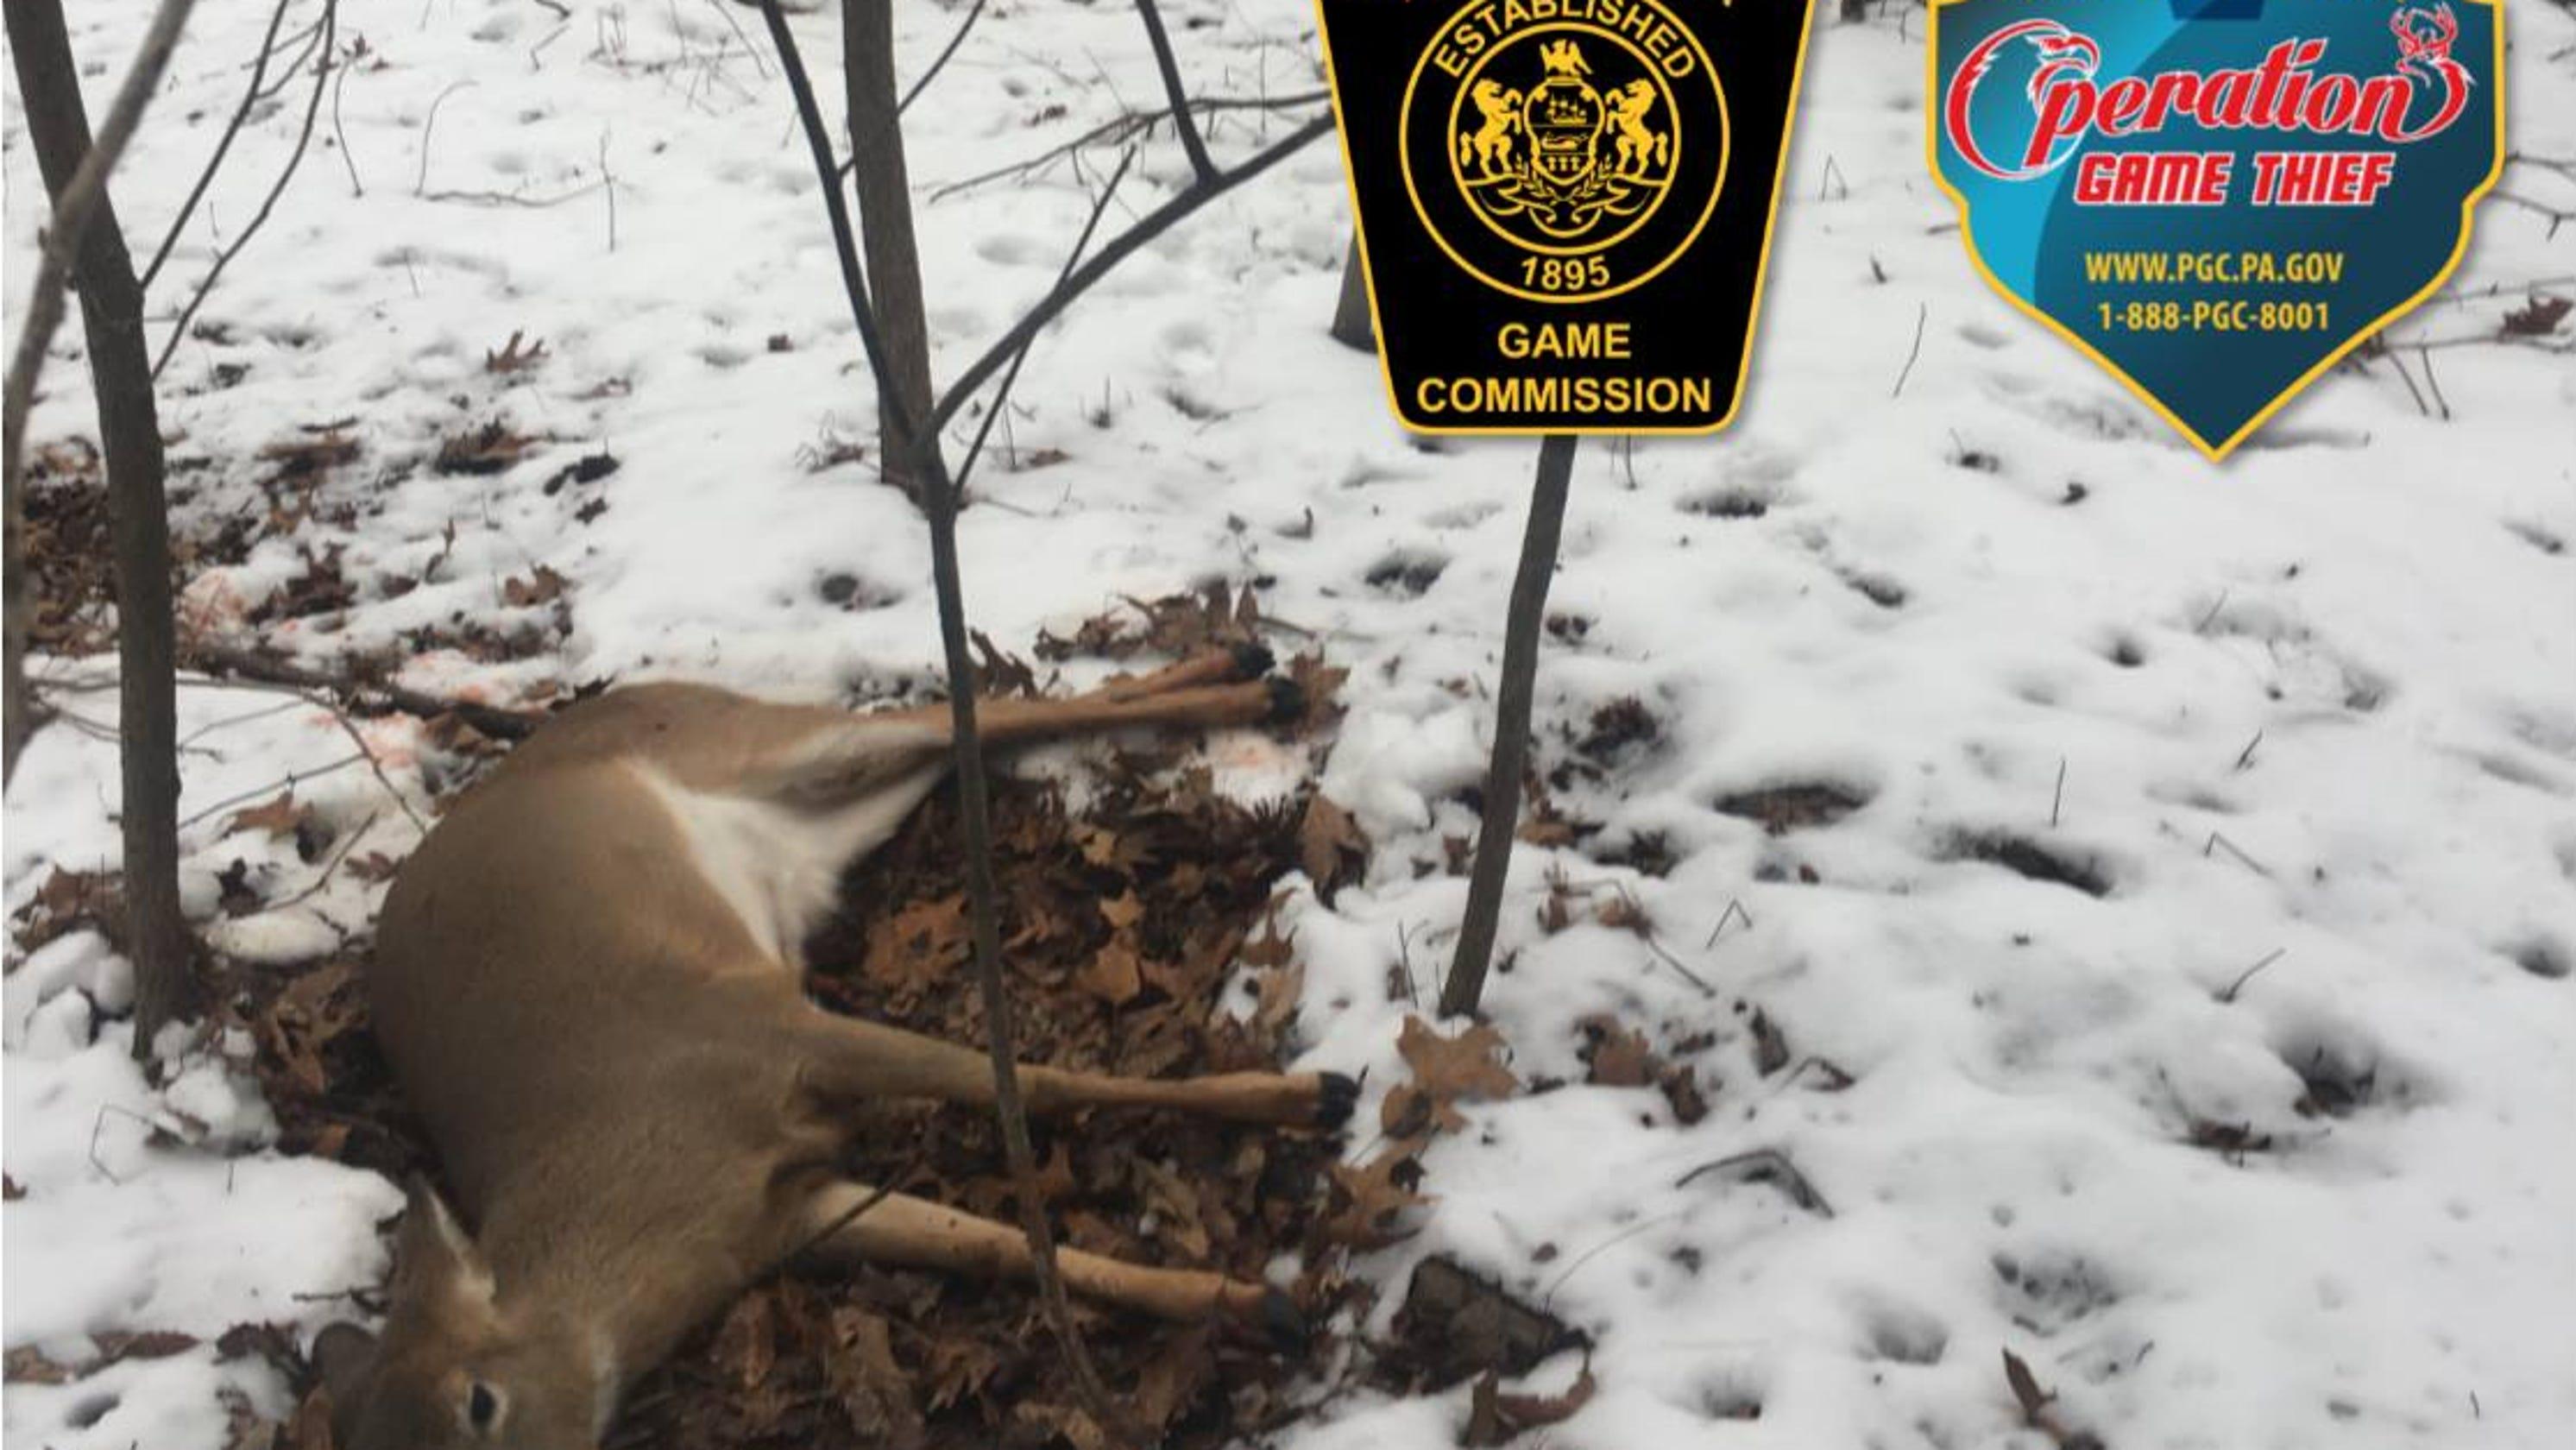 Game Commission seeking info on illegal deer shootings in